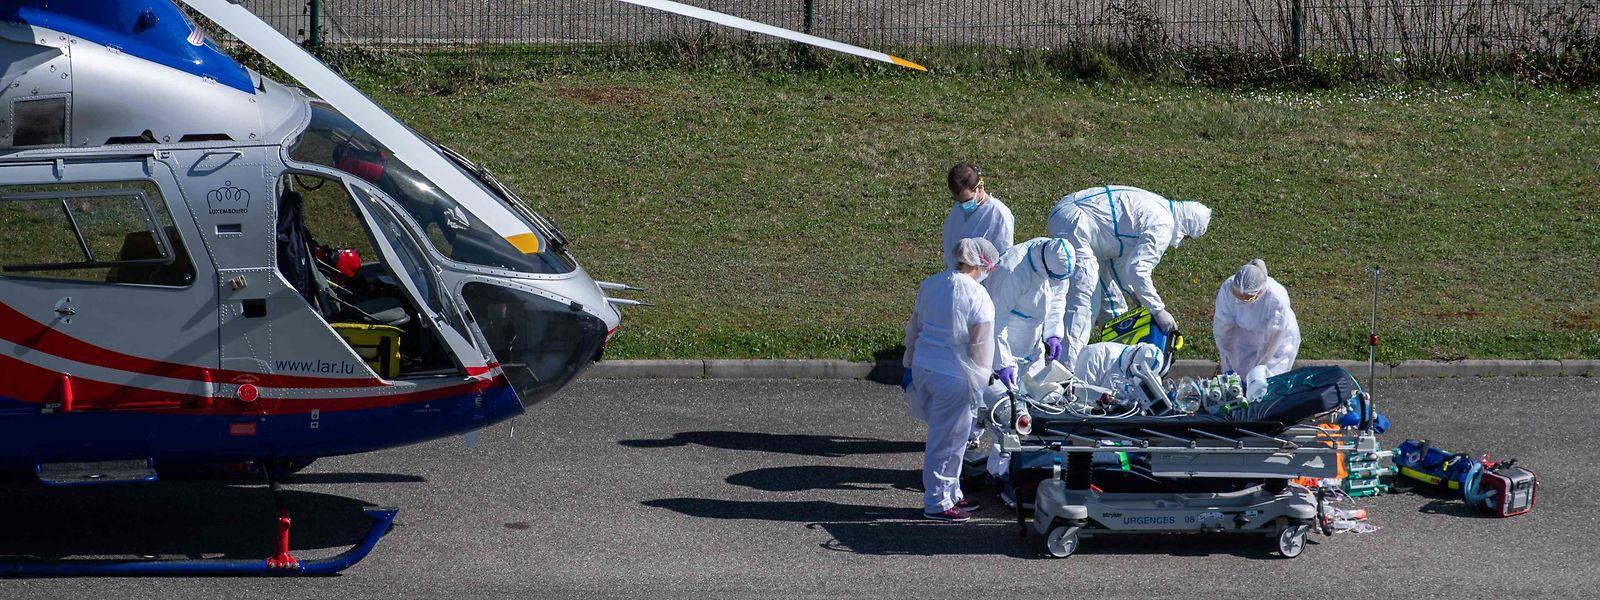 Seit Beginn der sanitären Krise hat die Luxembourg Air Rescue Covid-Patienten – zum Teil in einem sehr kritischen Zustand – im In- und Ausland transportiert.